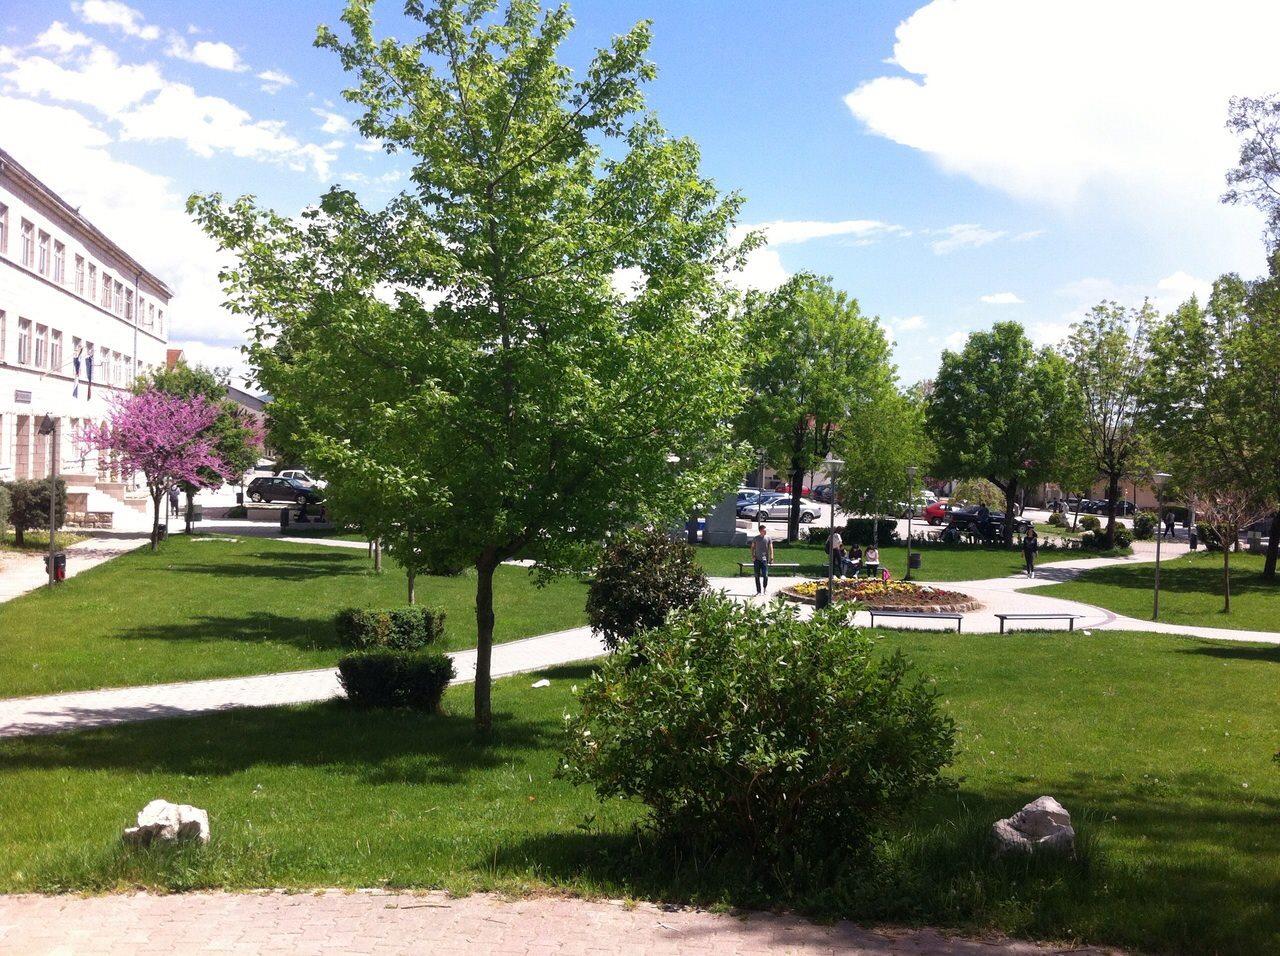 PRODUŽAVA SE DAN: Proljeće nam stiže 20. ožujka